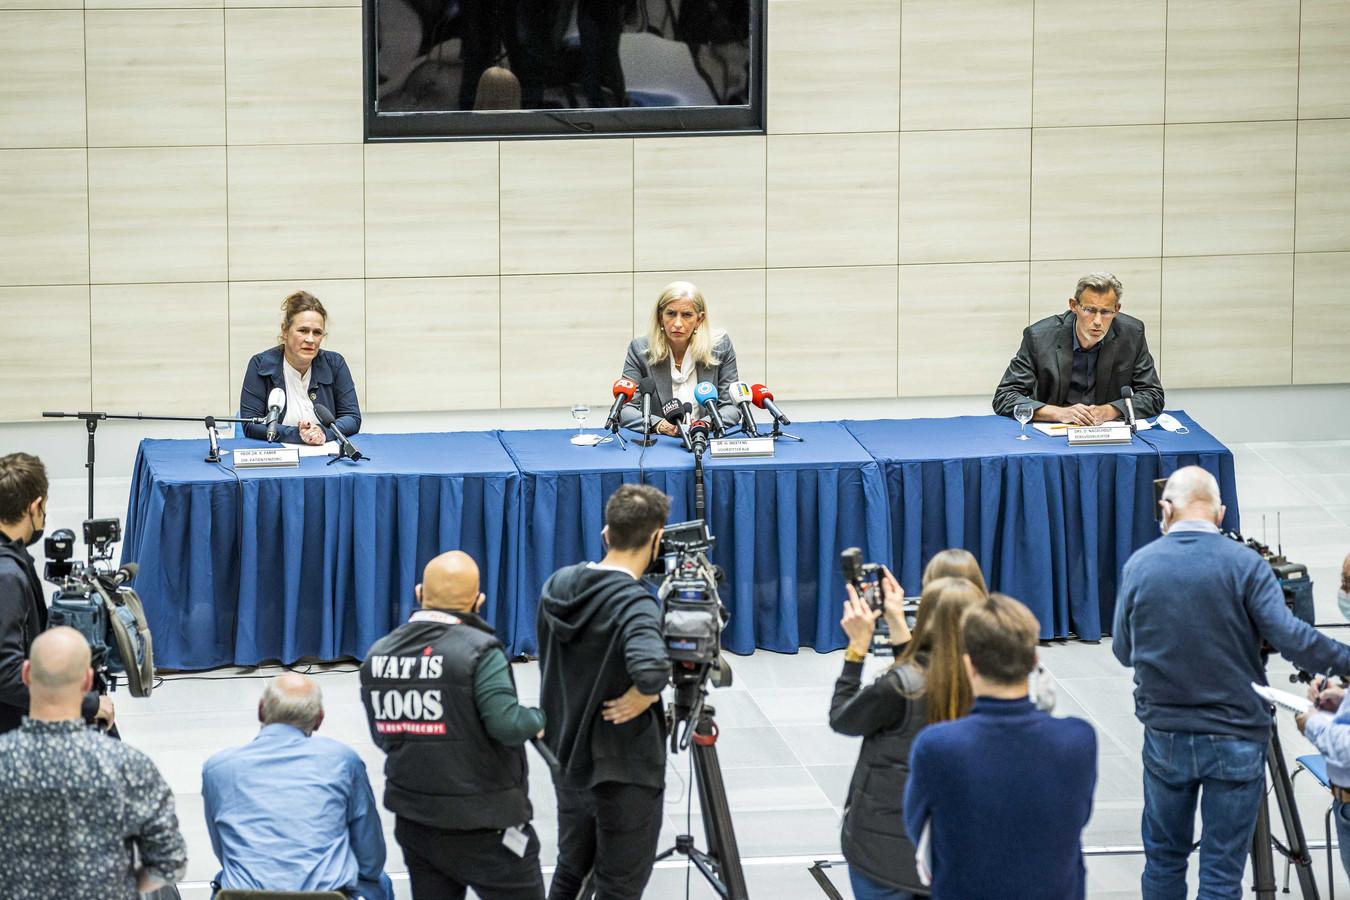 Dr. Helen Mertens (M, voorzitter Raad van Bestuur) en prof. dr. Karin Faber (L, directeur Pati'ntenzorg) staan de pers te woord over het overlijden van twee patienten van de longafdeling van ziekenhuis MUMC+ na het uitvallen van de stroom aldaar.